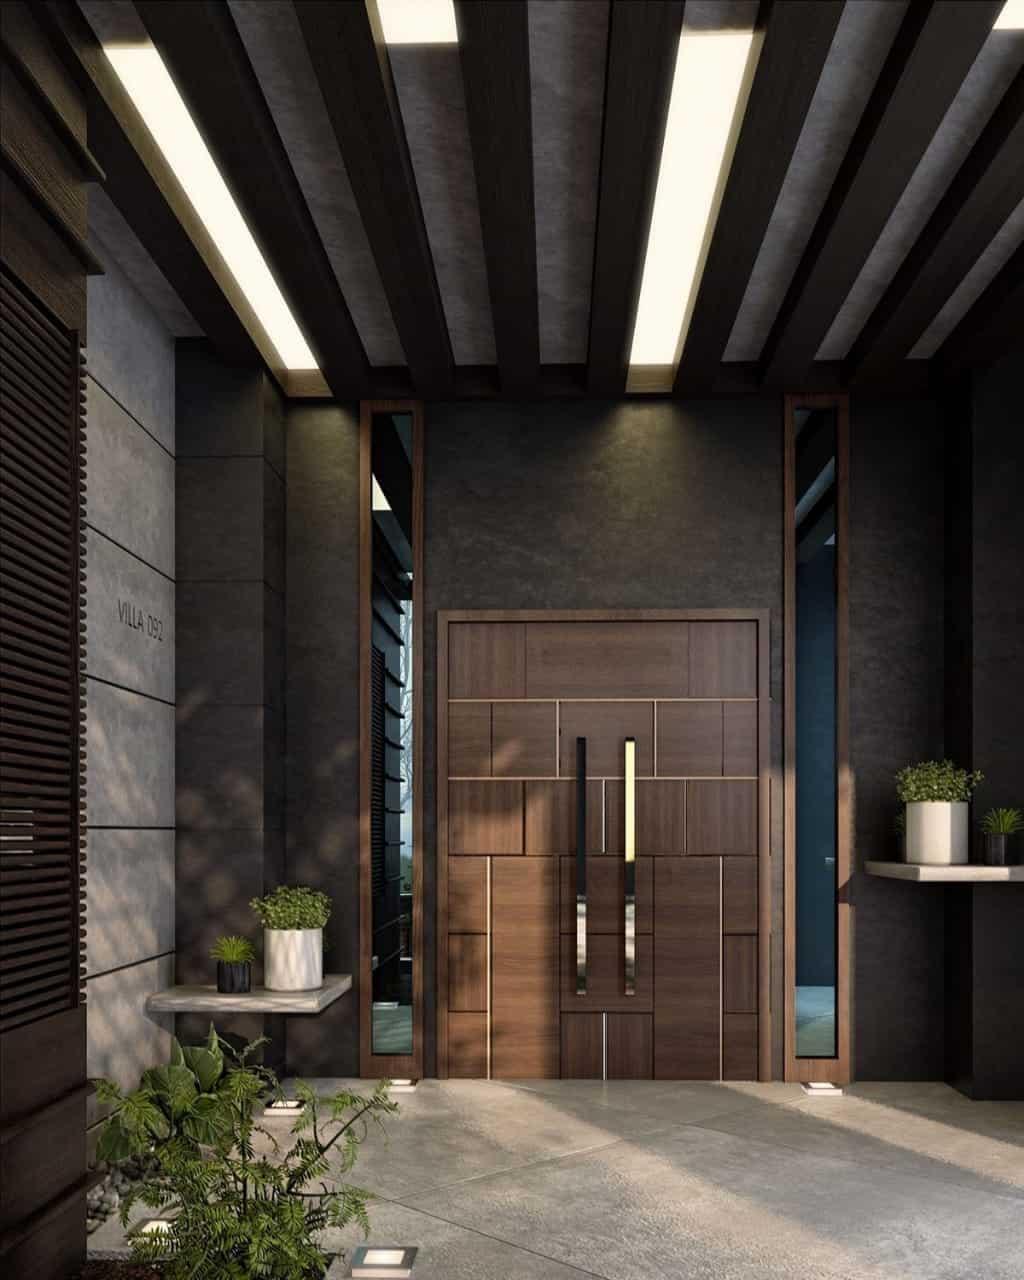 wood door design with golden accents